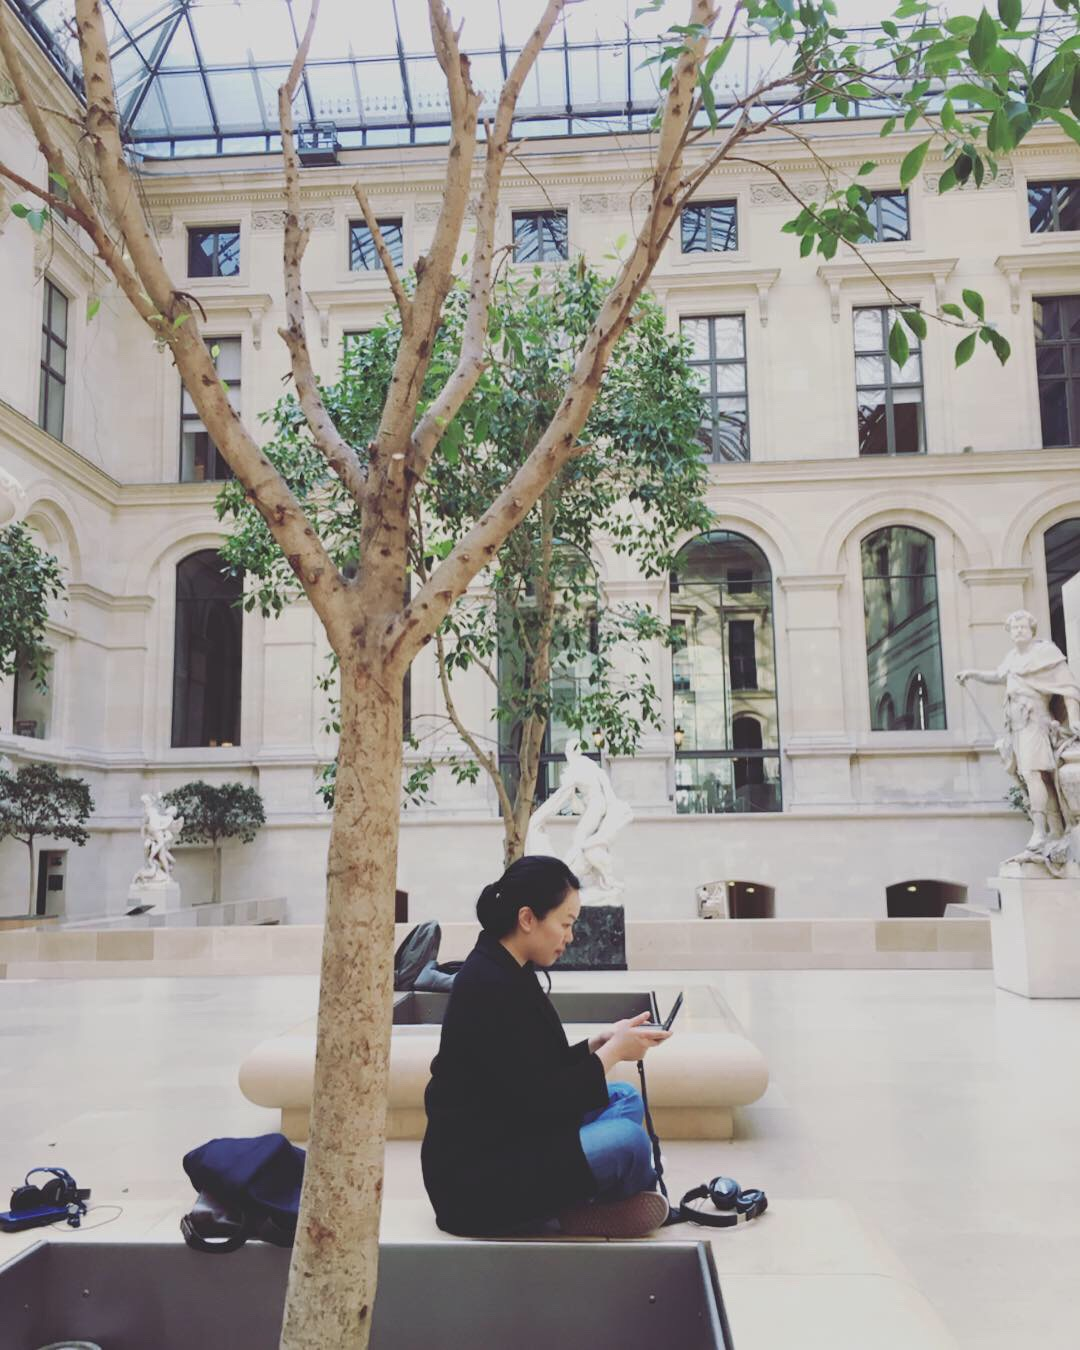 Statue courtyard inside Louvre